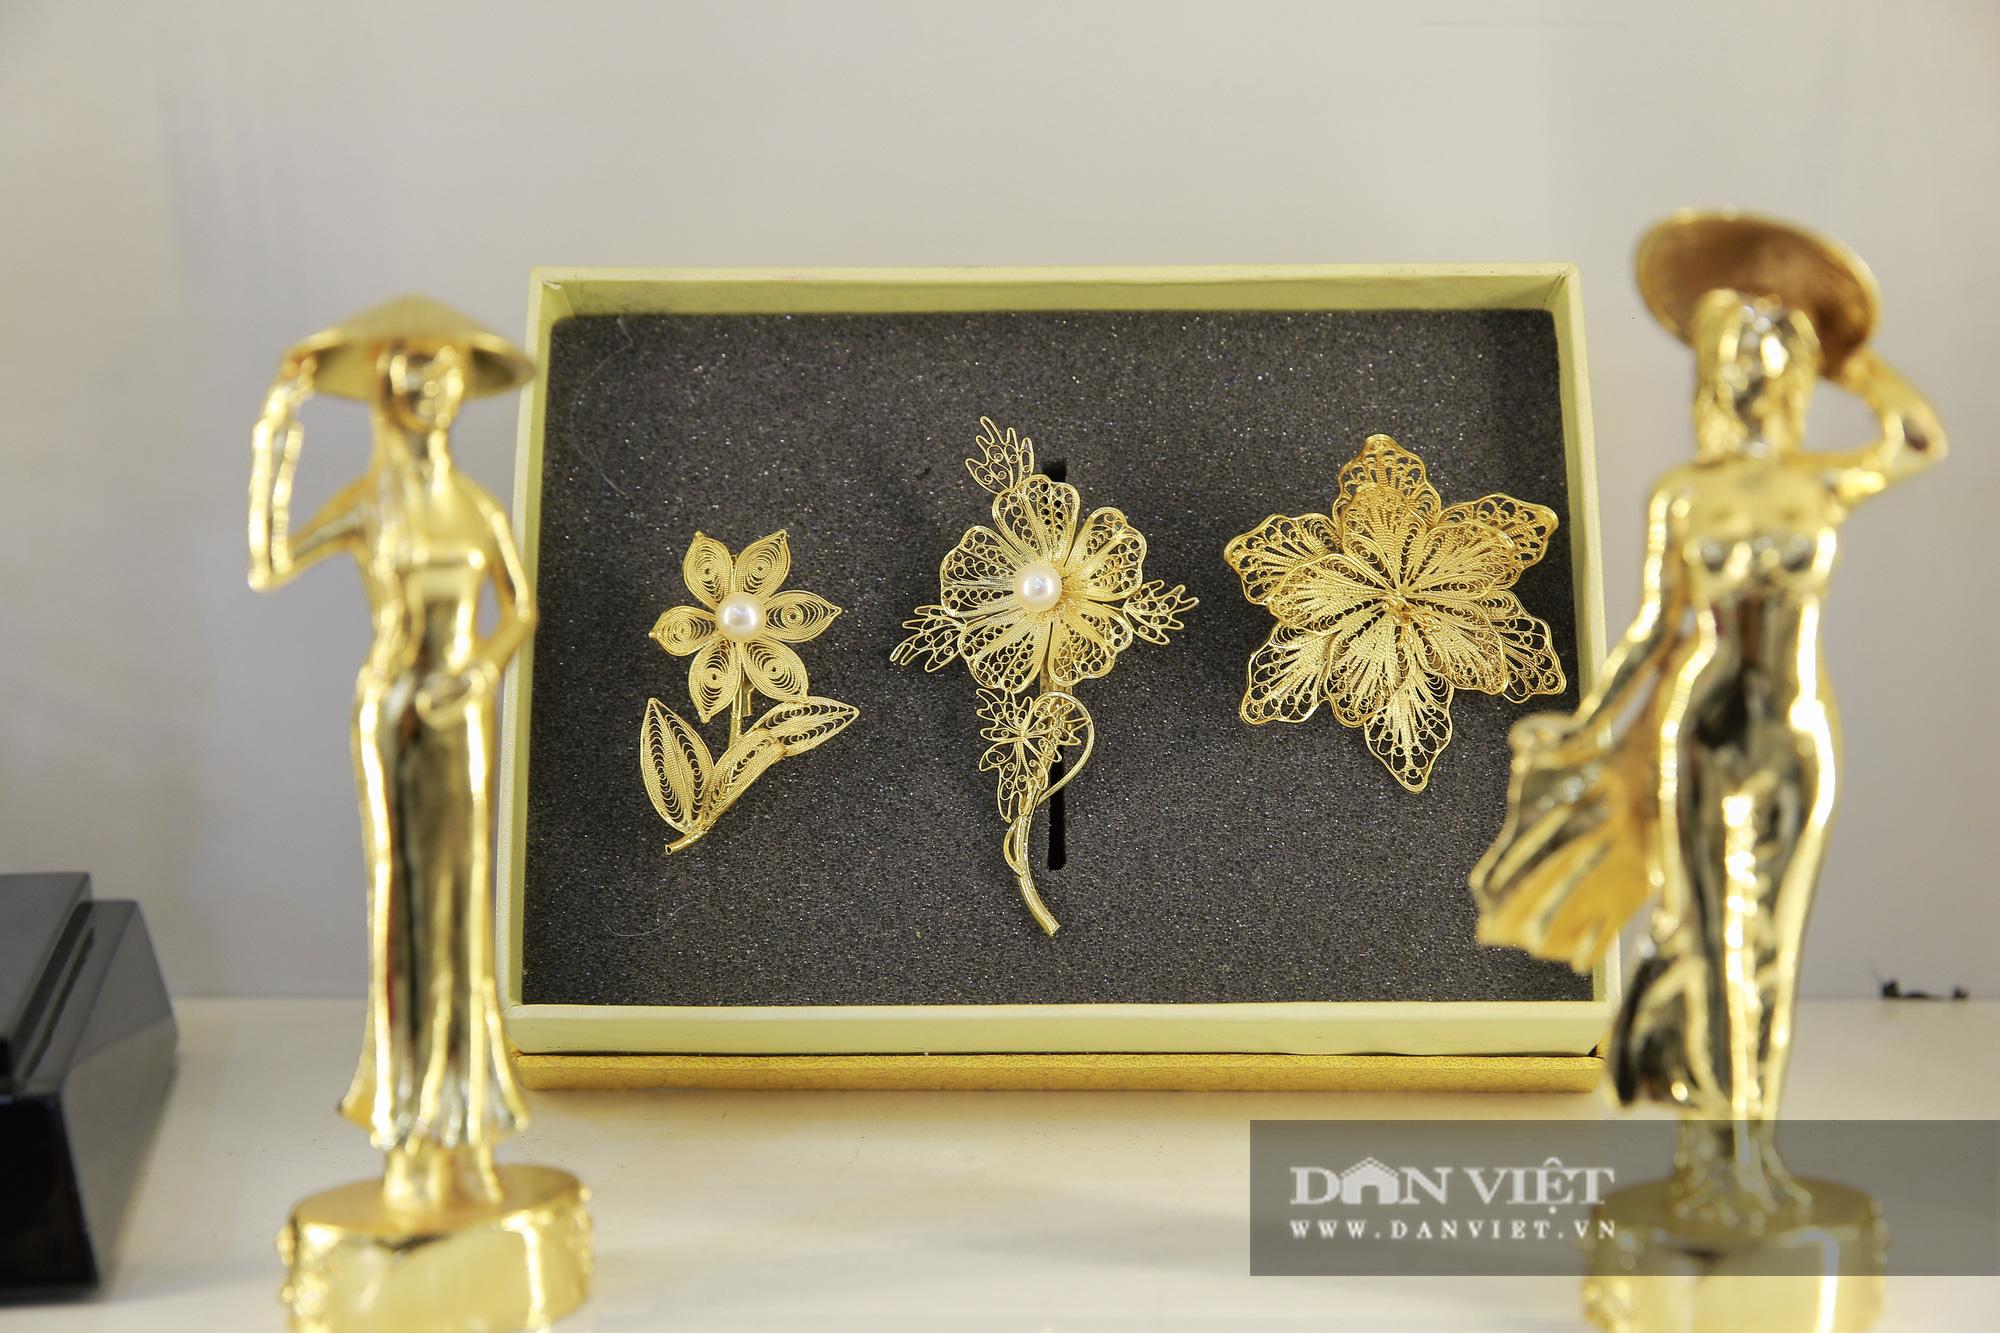 Thị trường quà tặng 8/3: Hoa, tranh, khuy cài áo mạ vàng cực đắt lên ngôi - Ảnh 3.